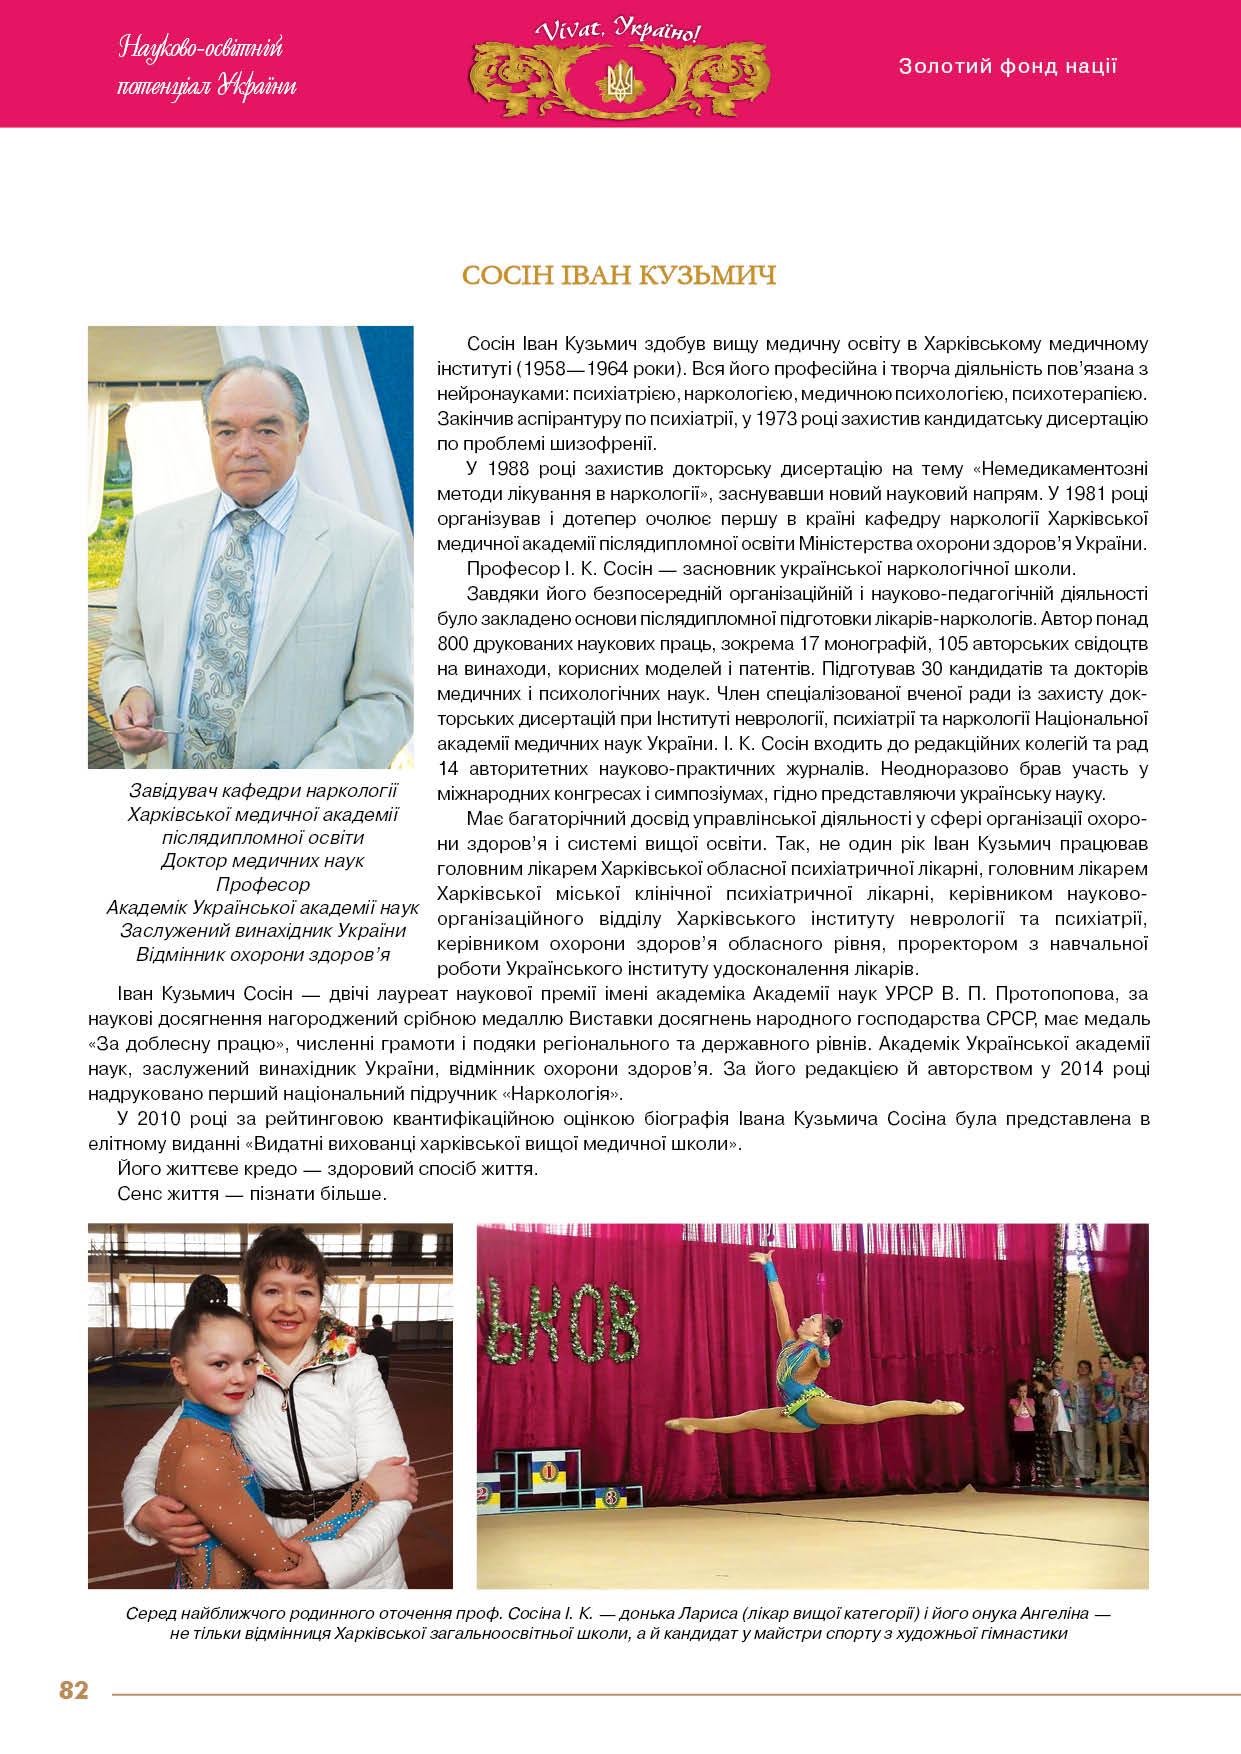 Сосін Іван Кузьмич